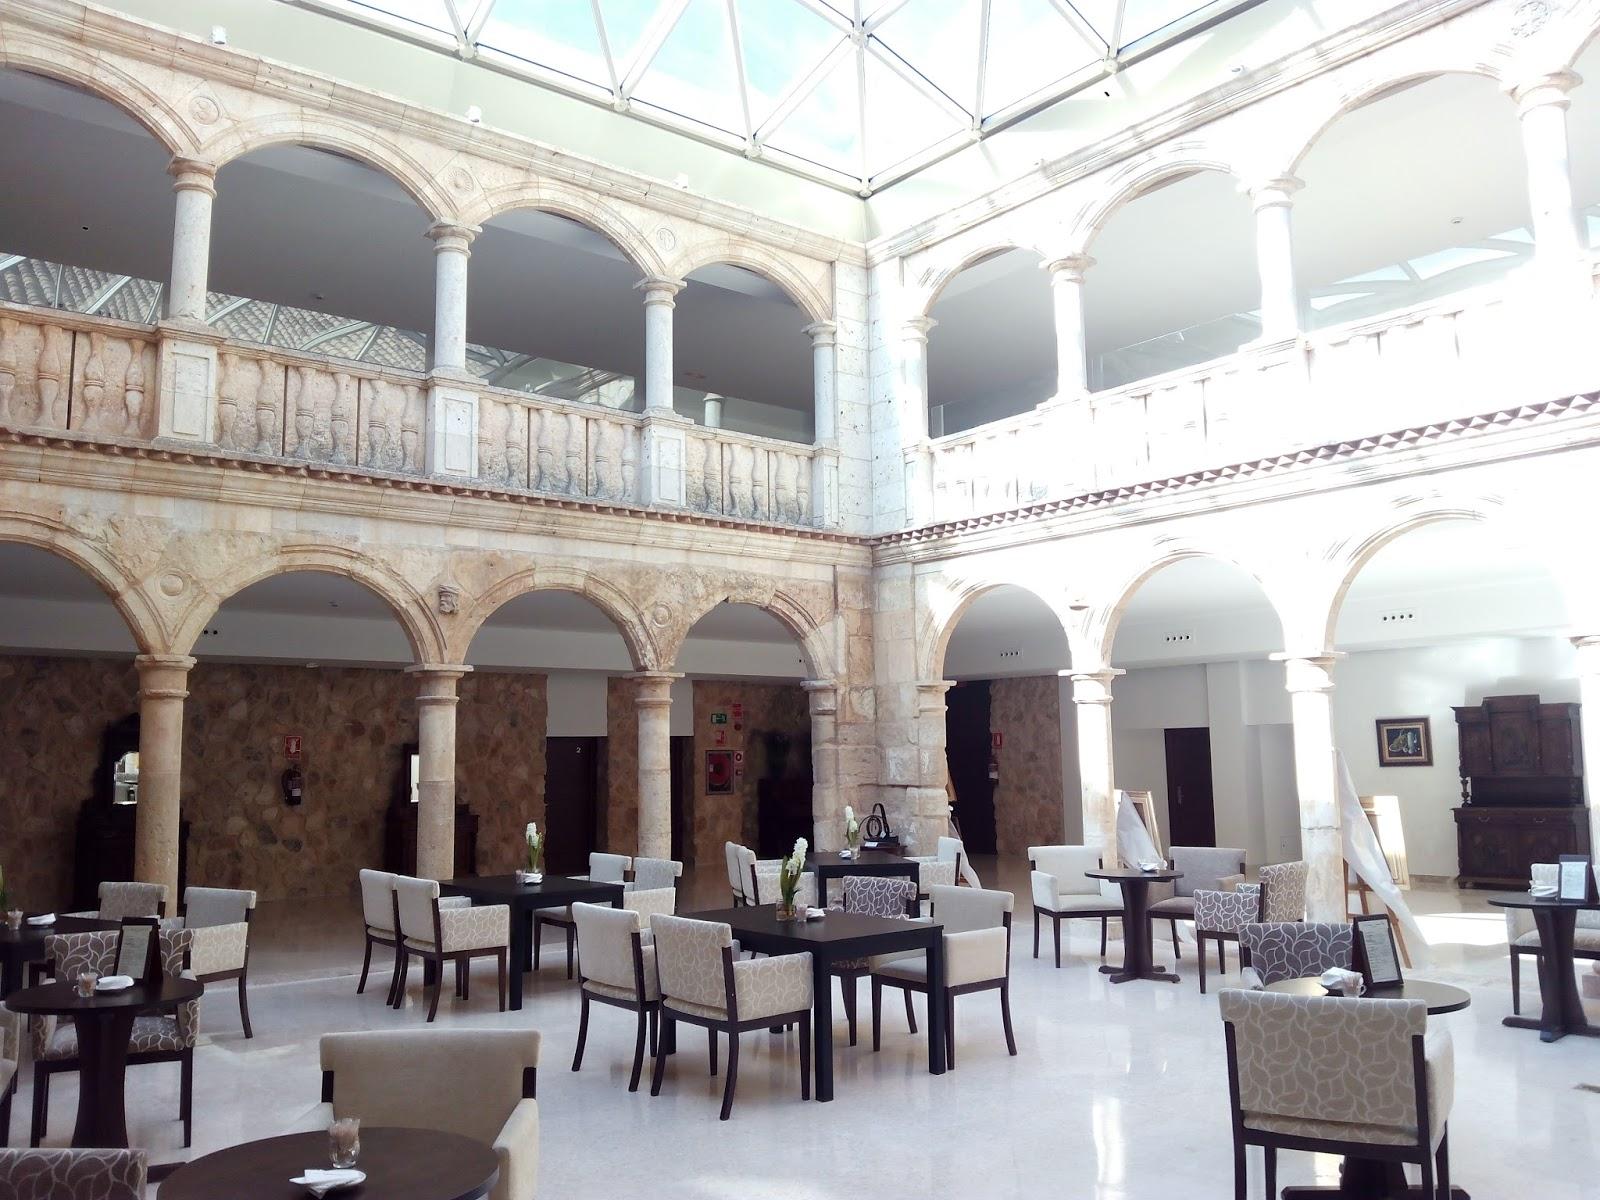 PALACIO DE JUN MANUEL - Belmonte: de Fray Luis de León a Eugenia de Montijo, pasando por Charlton Heston y Sofía Loren